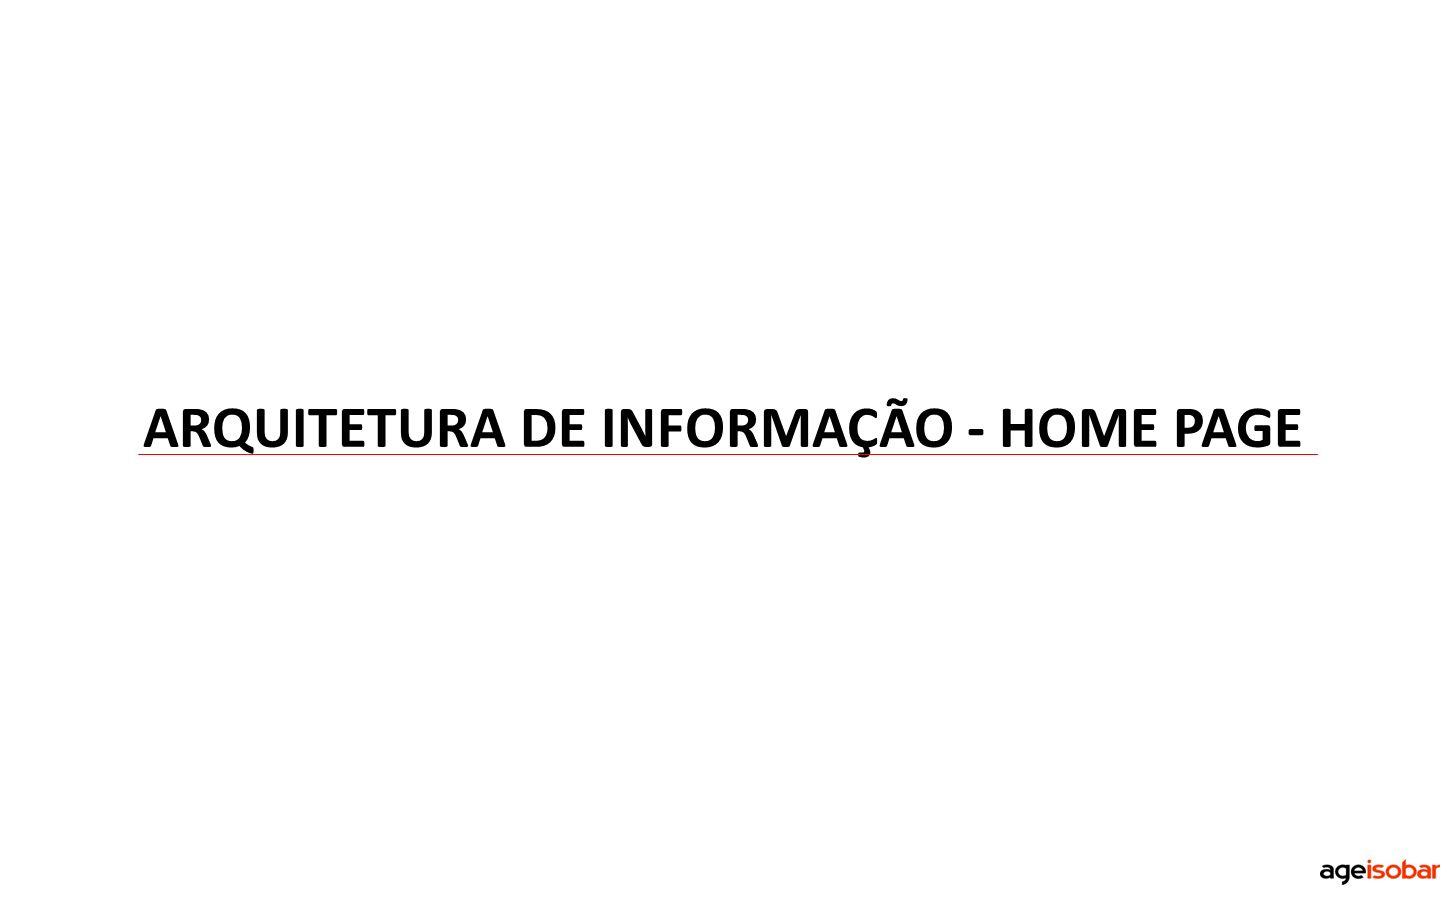 ARQUITETURA DE INFORMAÇÃO - HOME PAGE